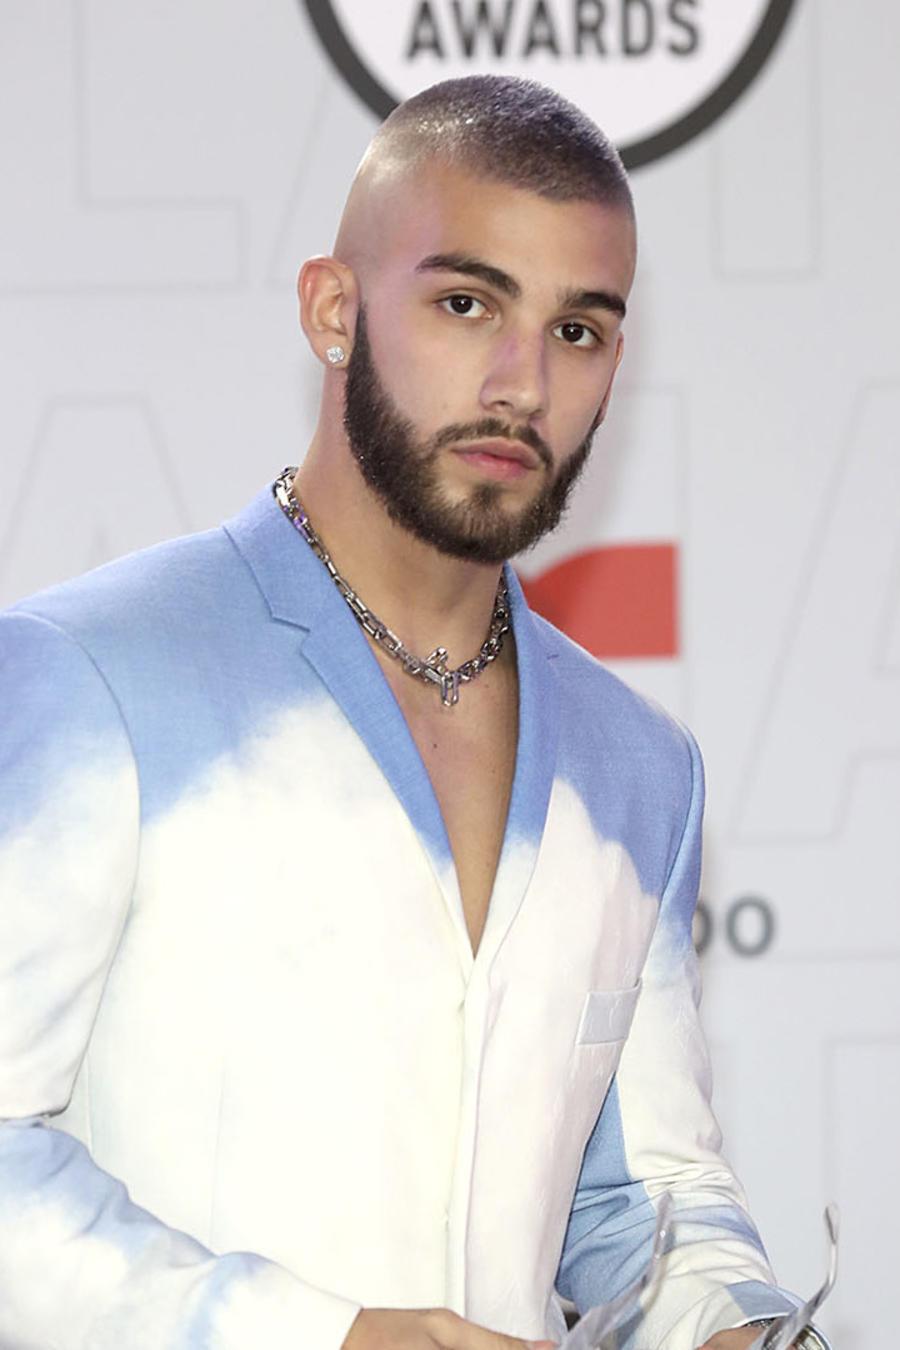 Manuel Turizo y El Alfa en los Latin Music Awards 2021